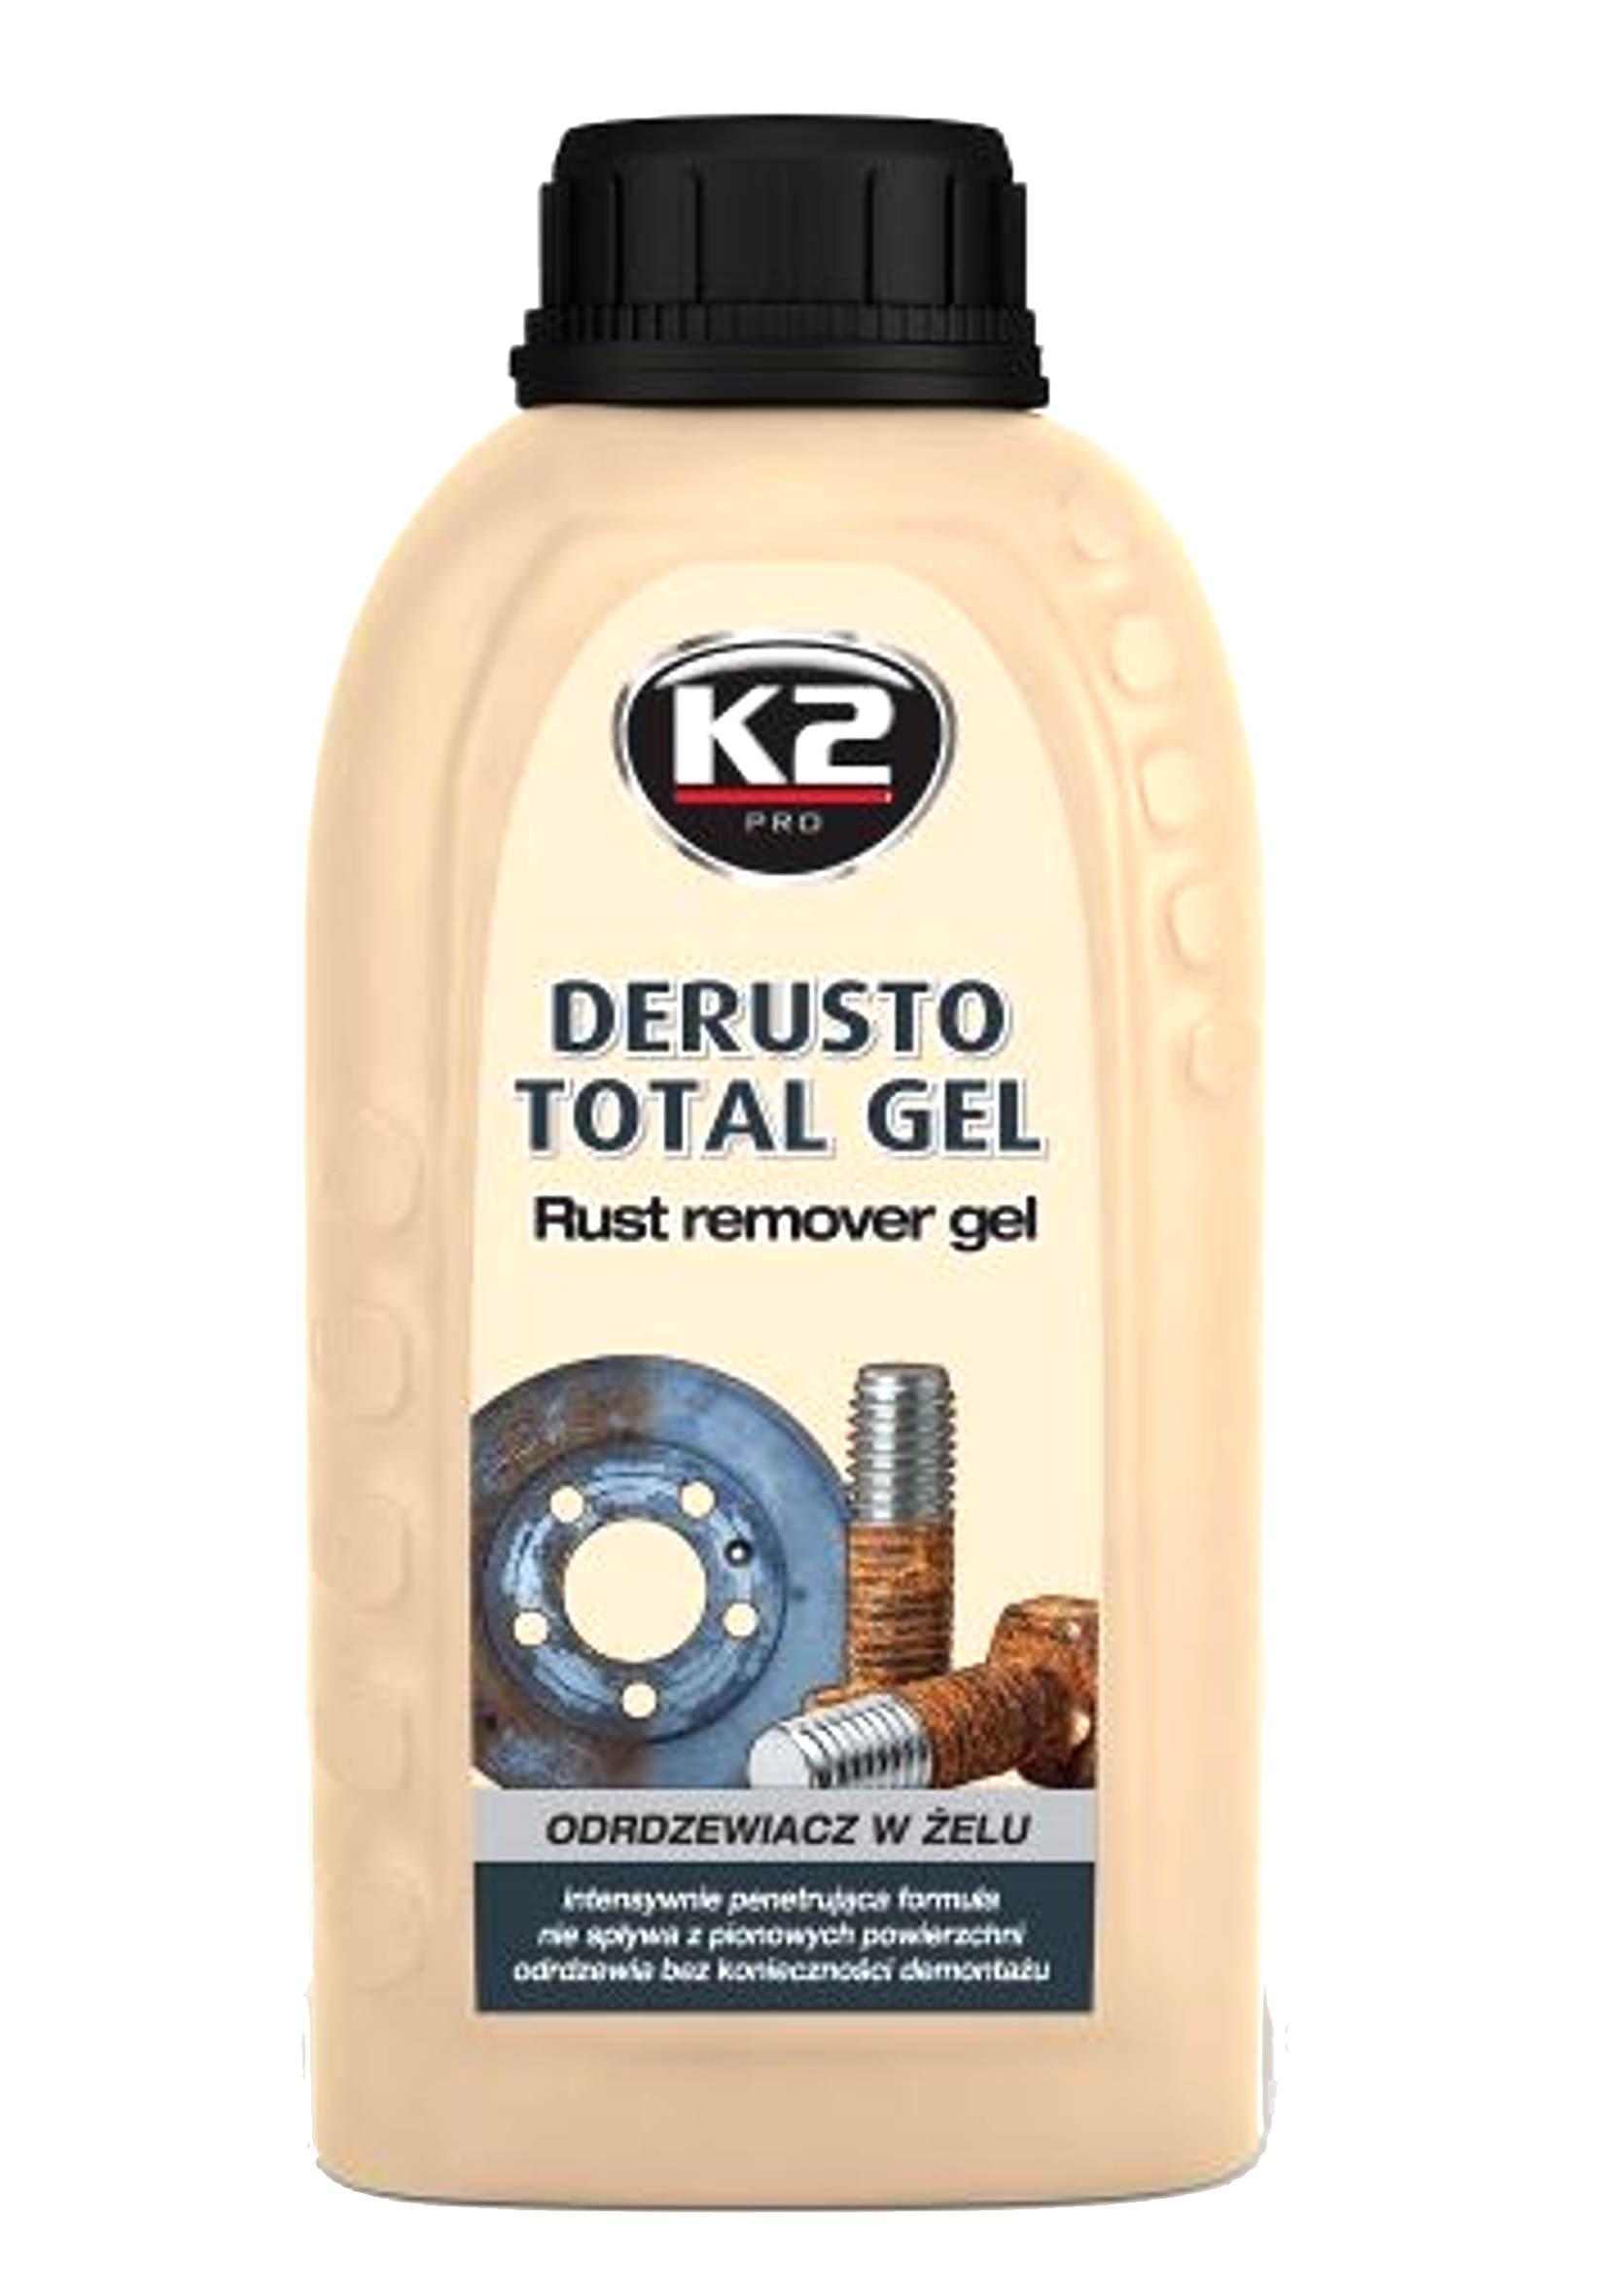 K2 Derusto Total Gel Odrdzewiacz w Żelu 250 ml